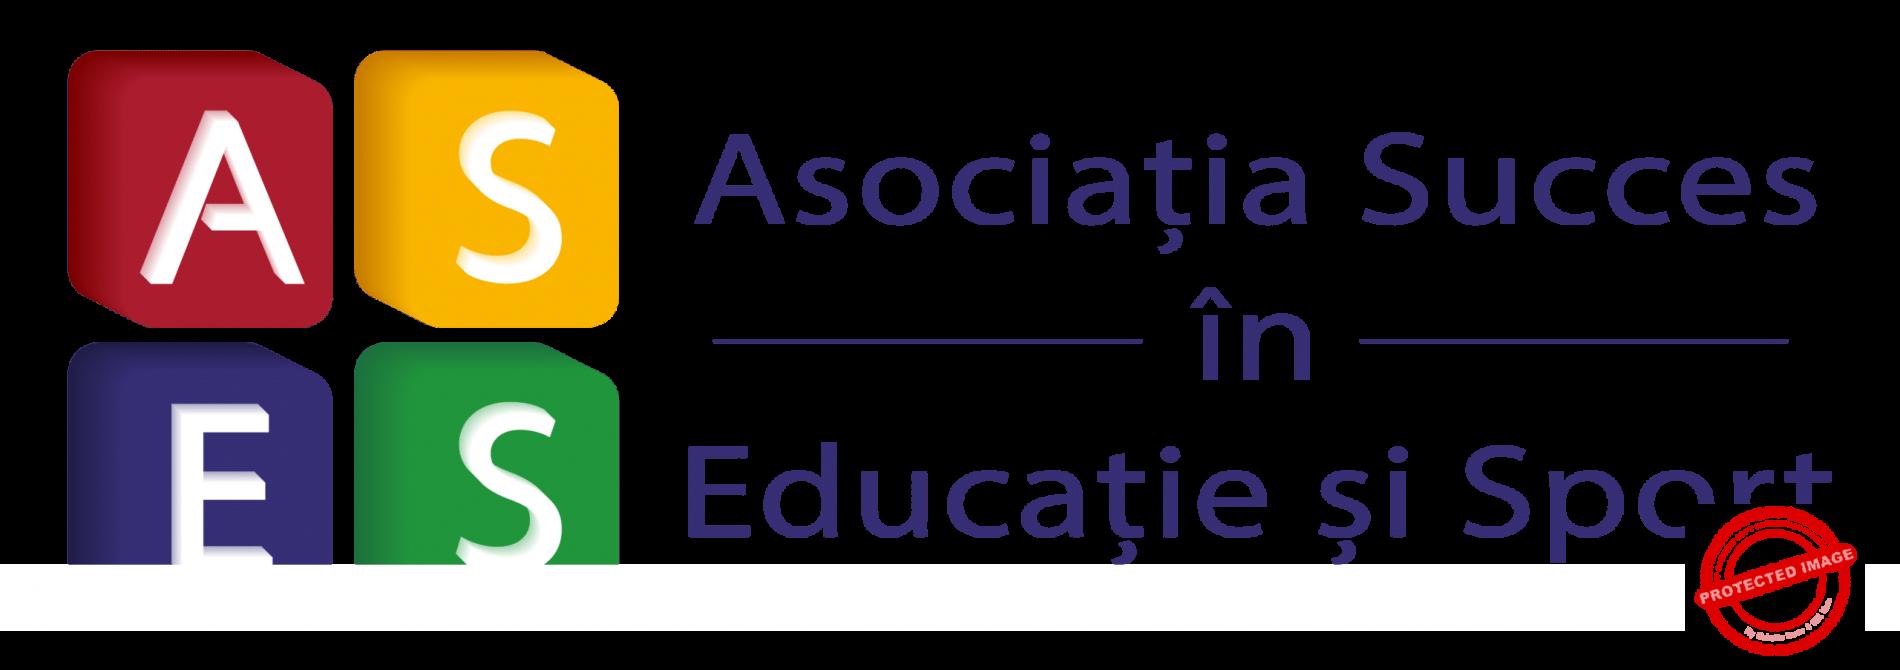 Asociatia Succes in Educatie si Sport